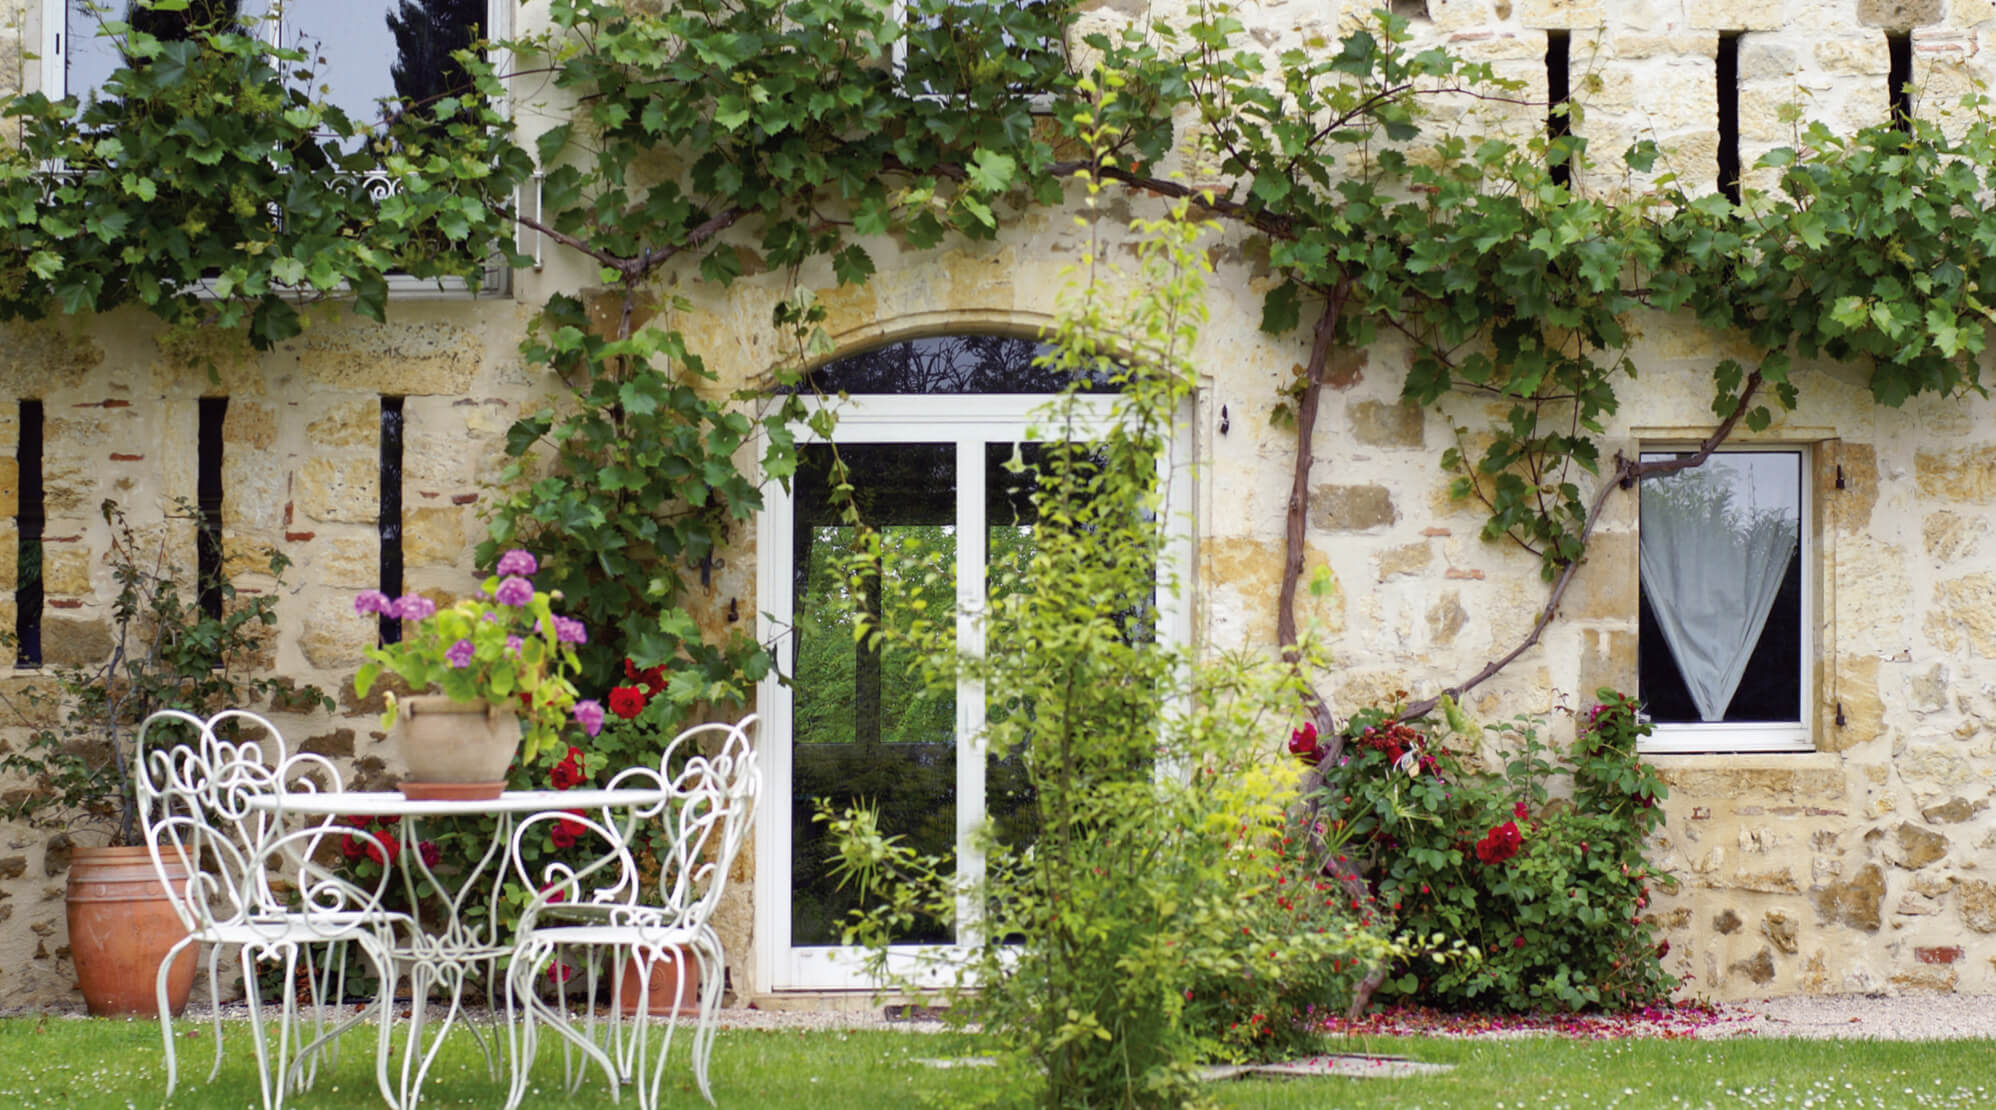 neo_vision_plaquette_visuel_jardin